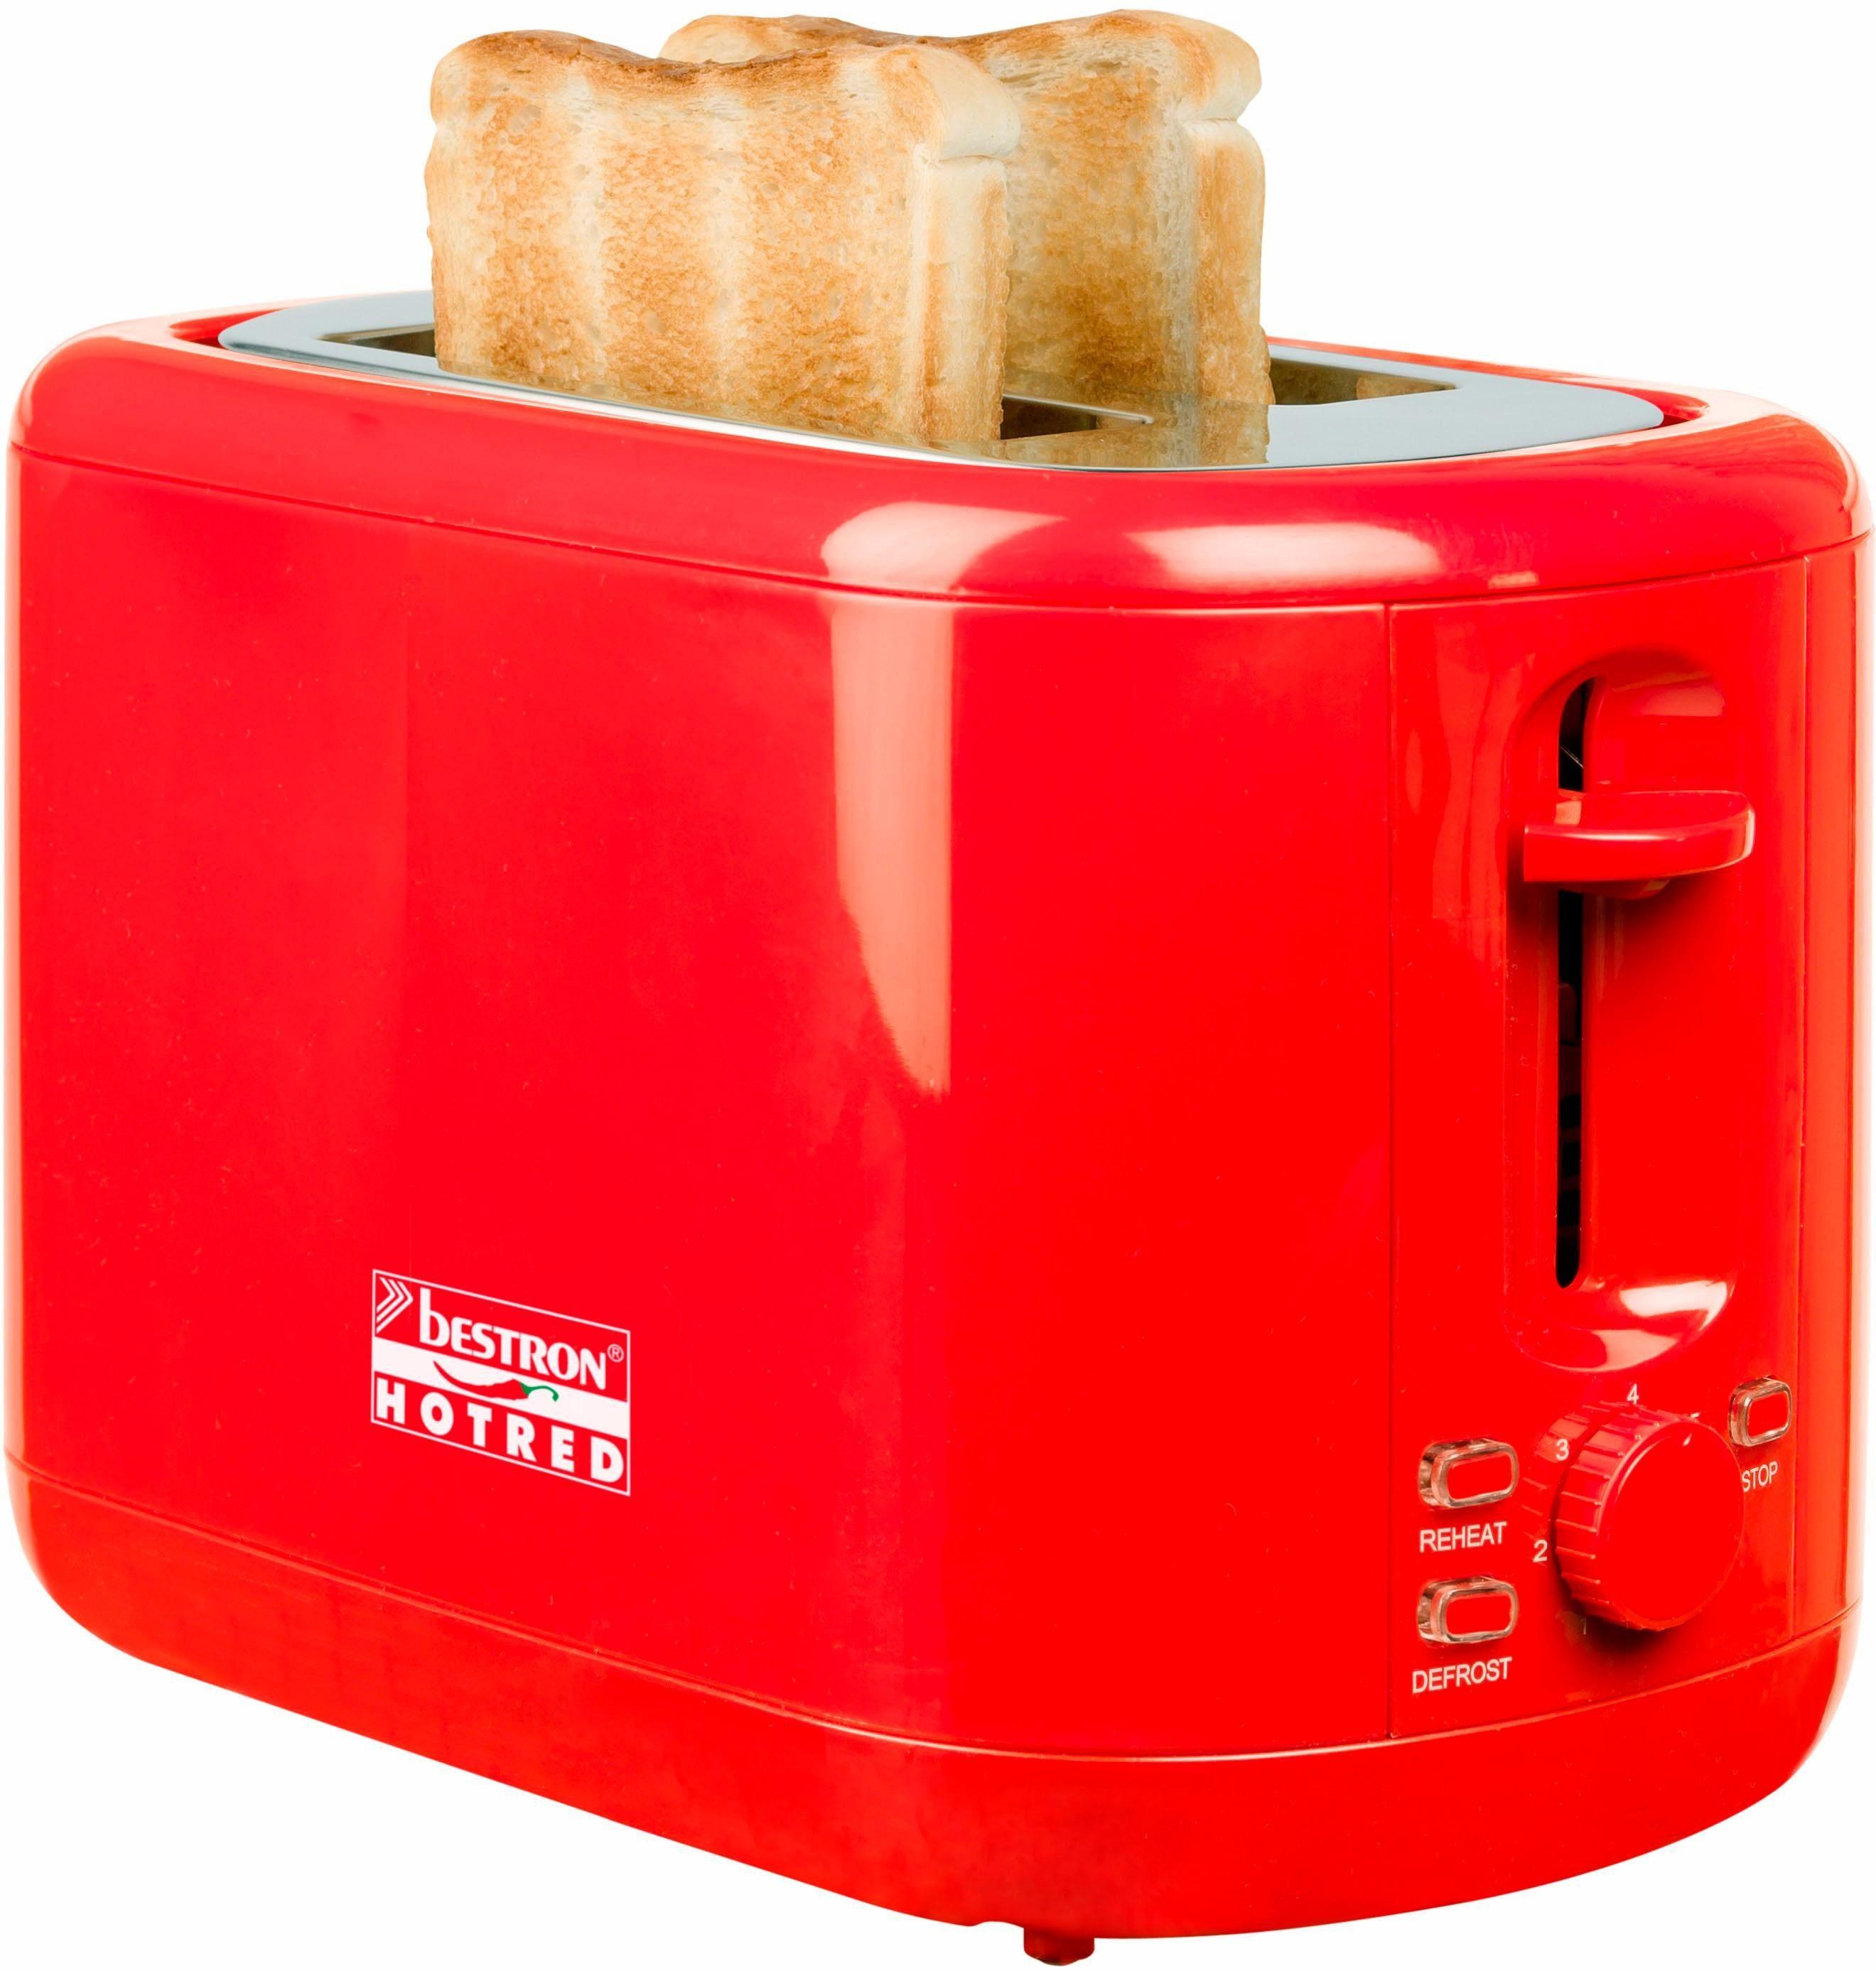 bestron Toaster ATS300HR, für 2 Scheiben, 930 W